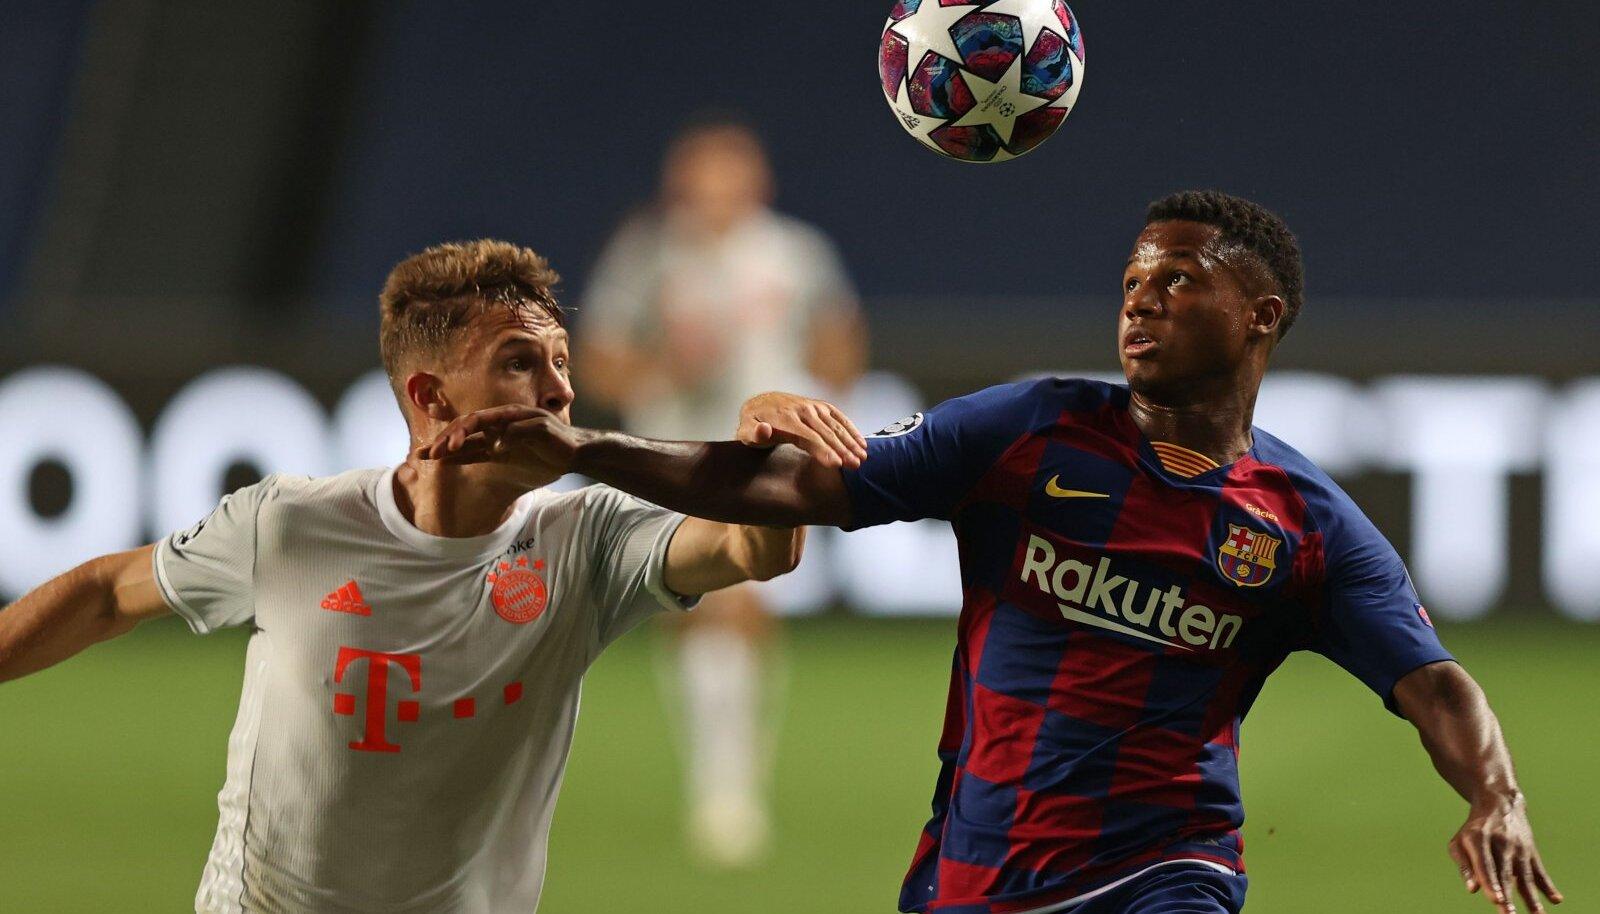 Лига Чемпионов 2019/20, ФК Барселона играет с ФК Бавария Мюнхен